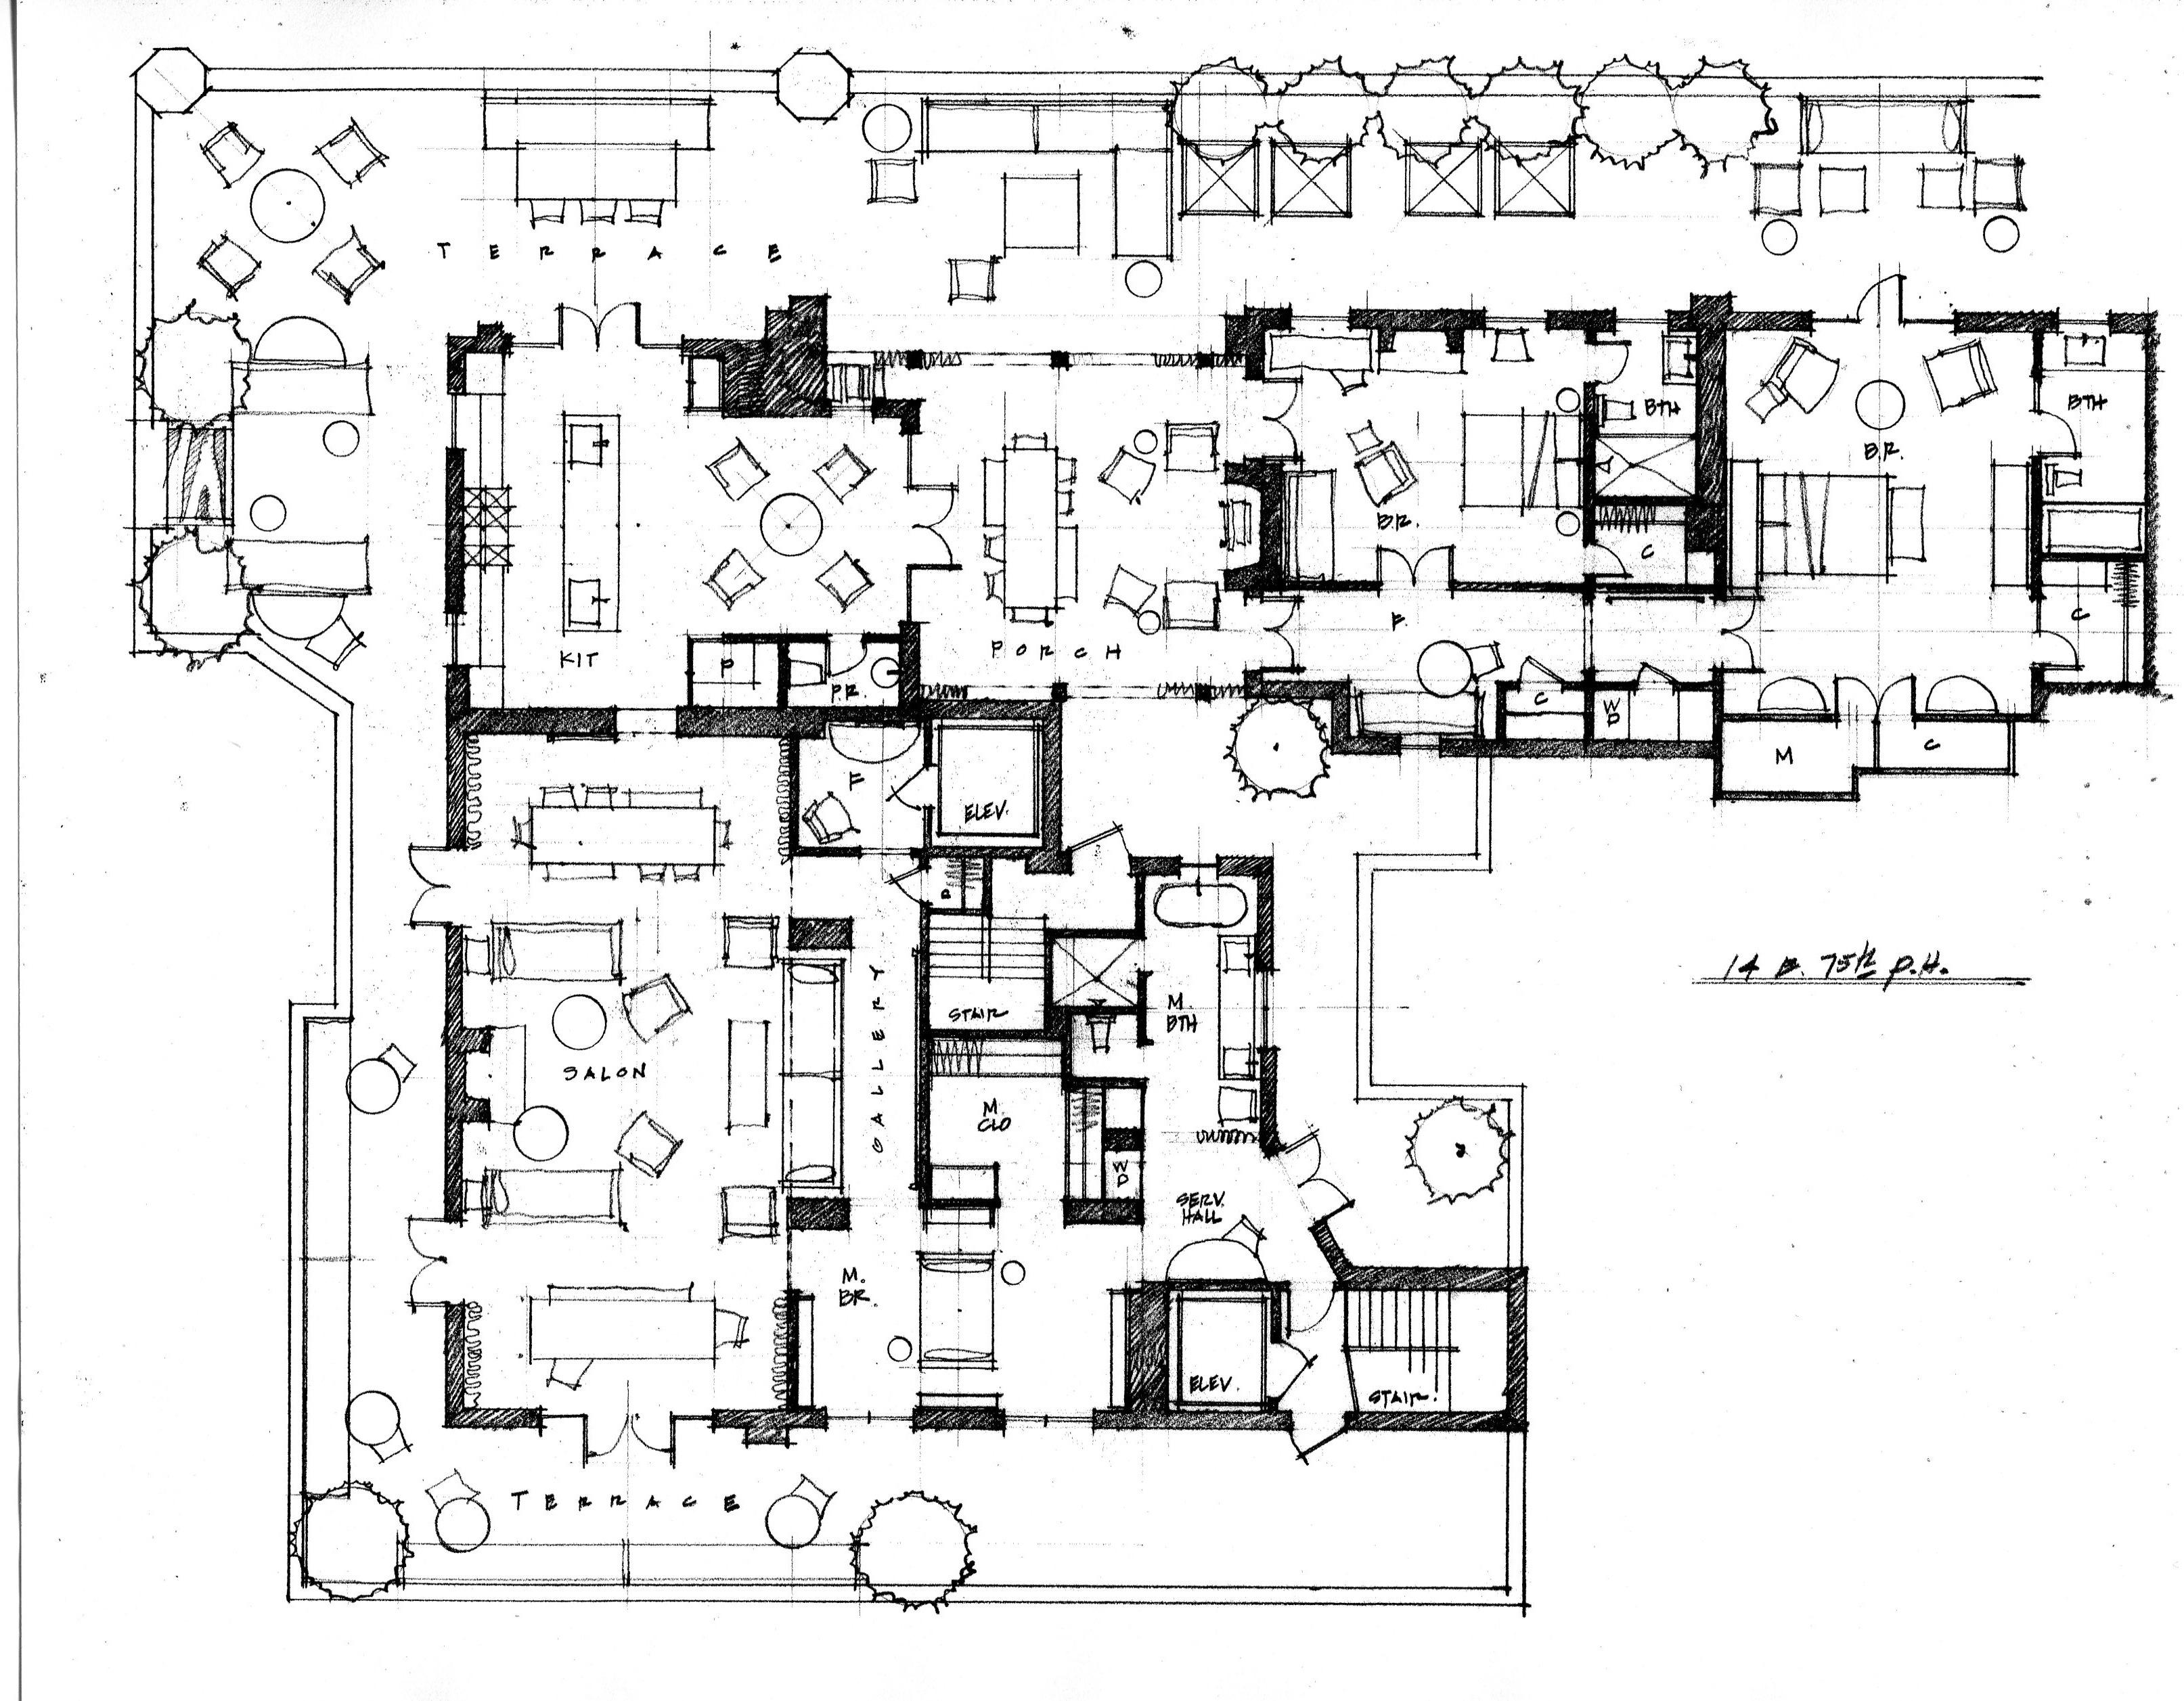 McAlpine Journal: Floor Plan